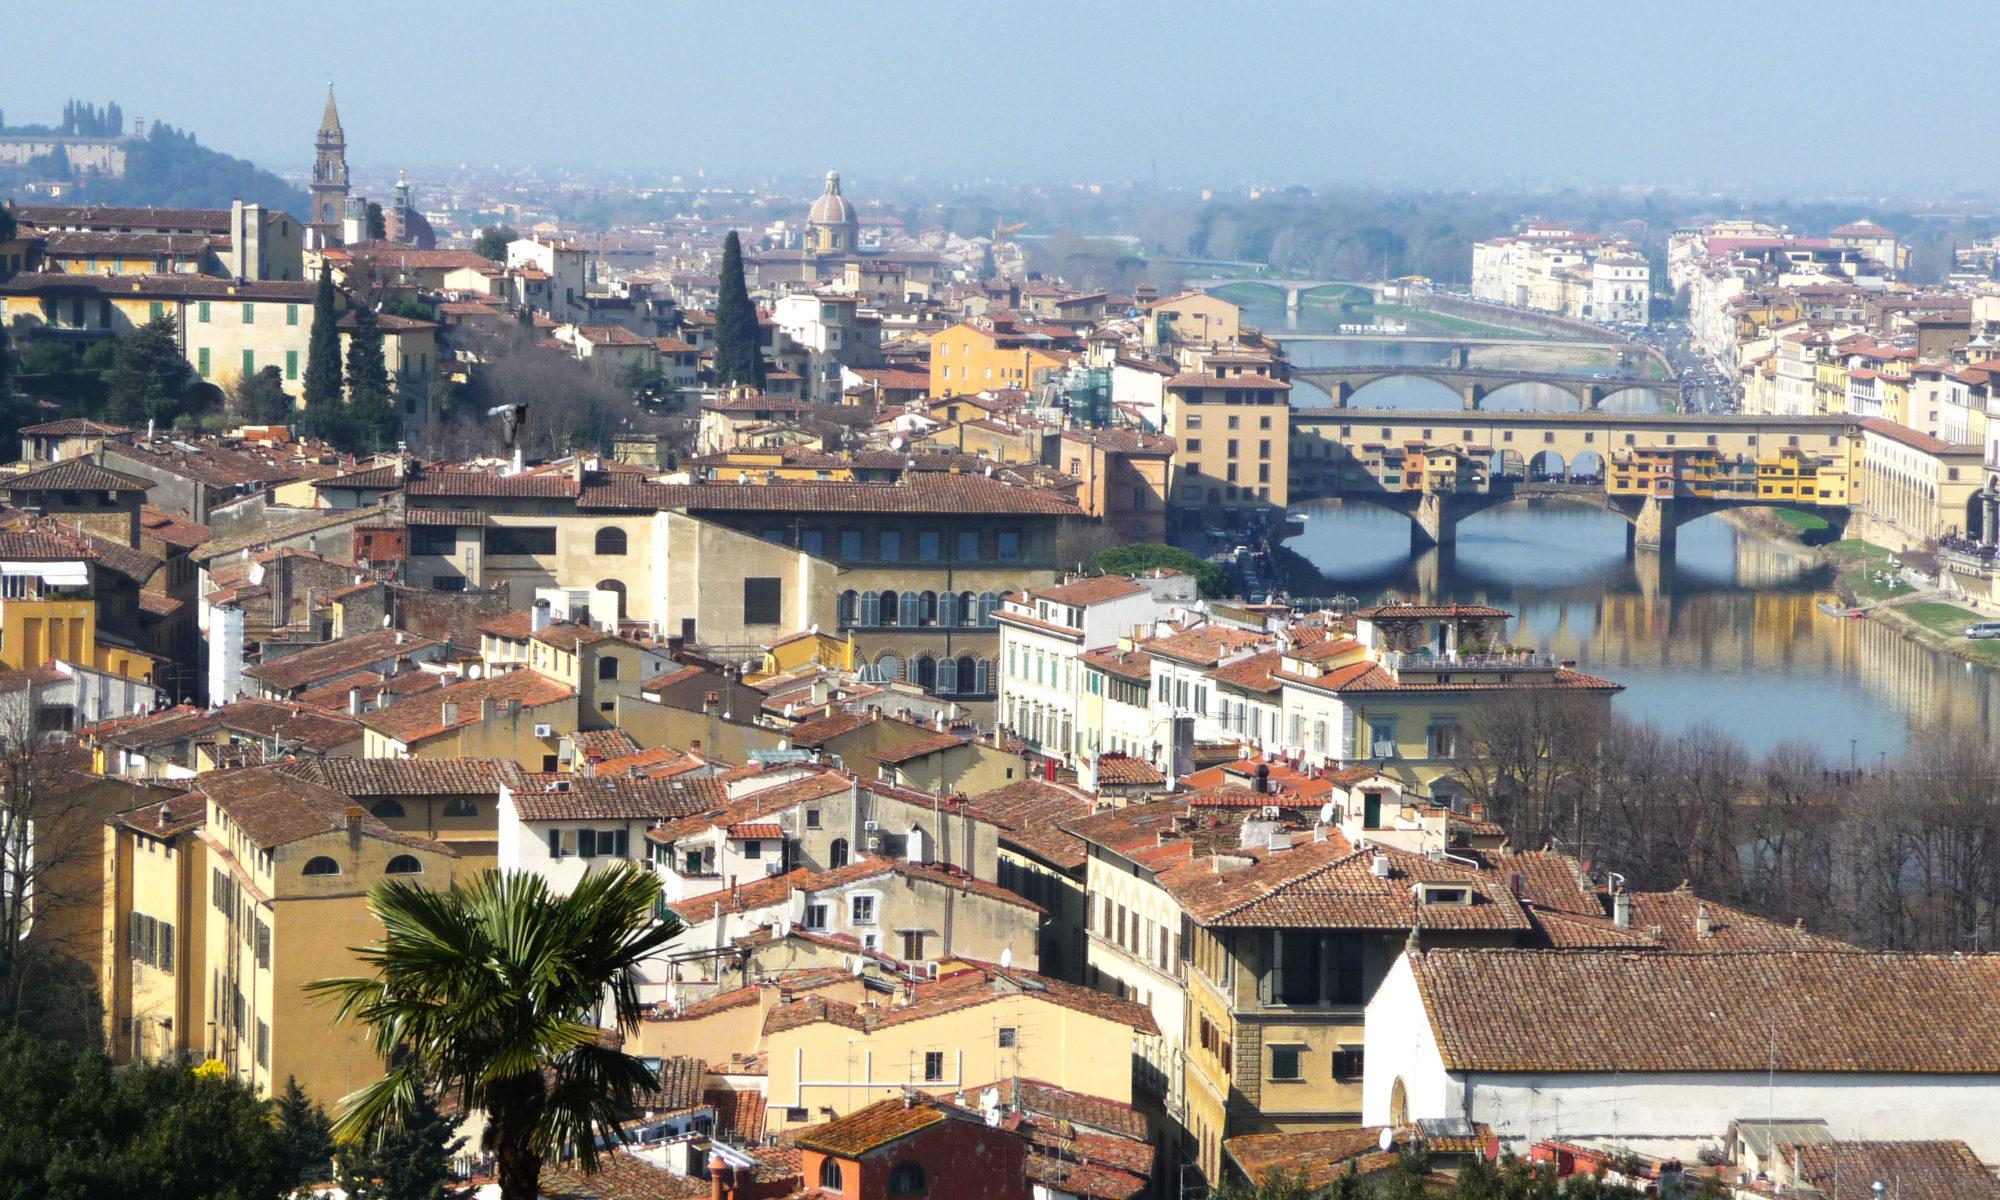 Vue du quartier Oltrarno, Florence, Italie